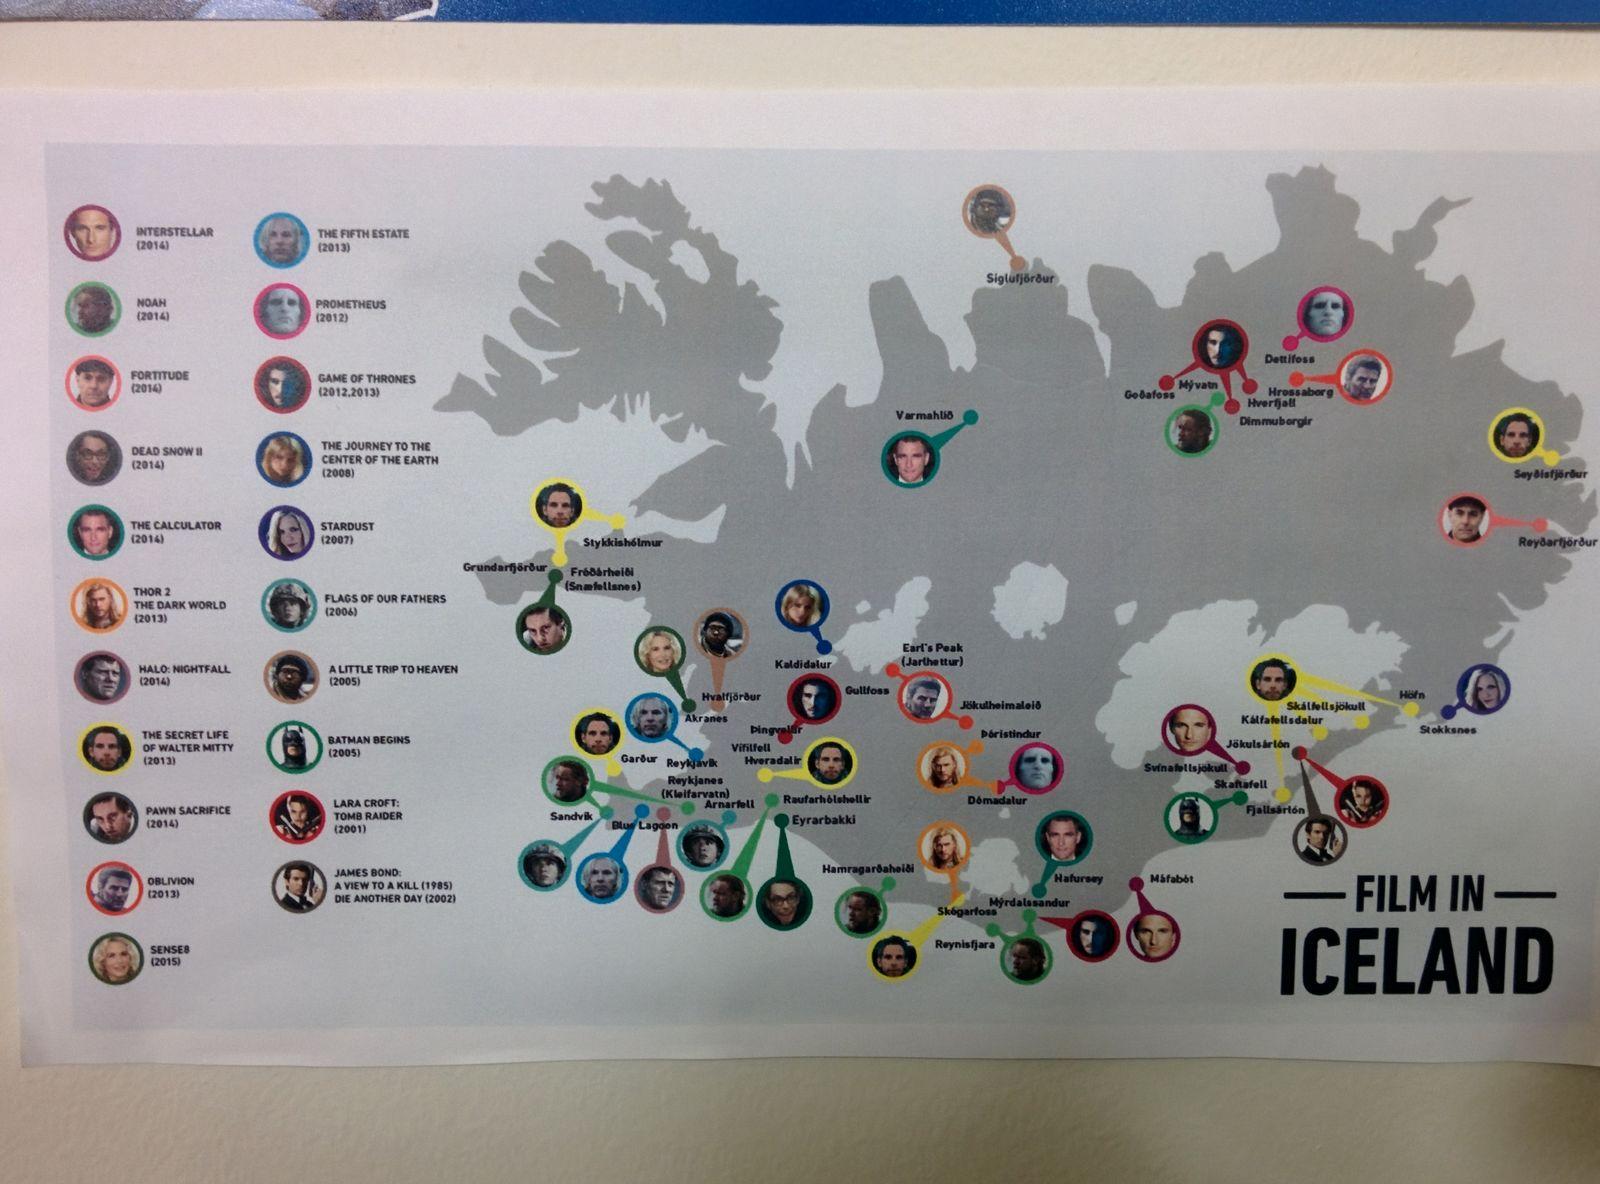 Islandia y el cine, un homenaje en las paredes del camping